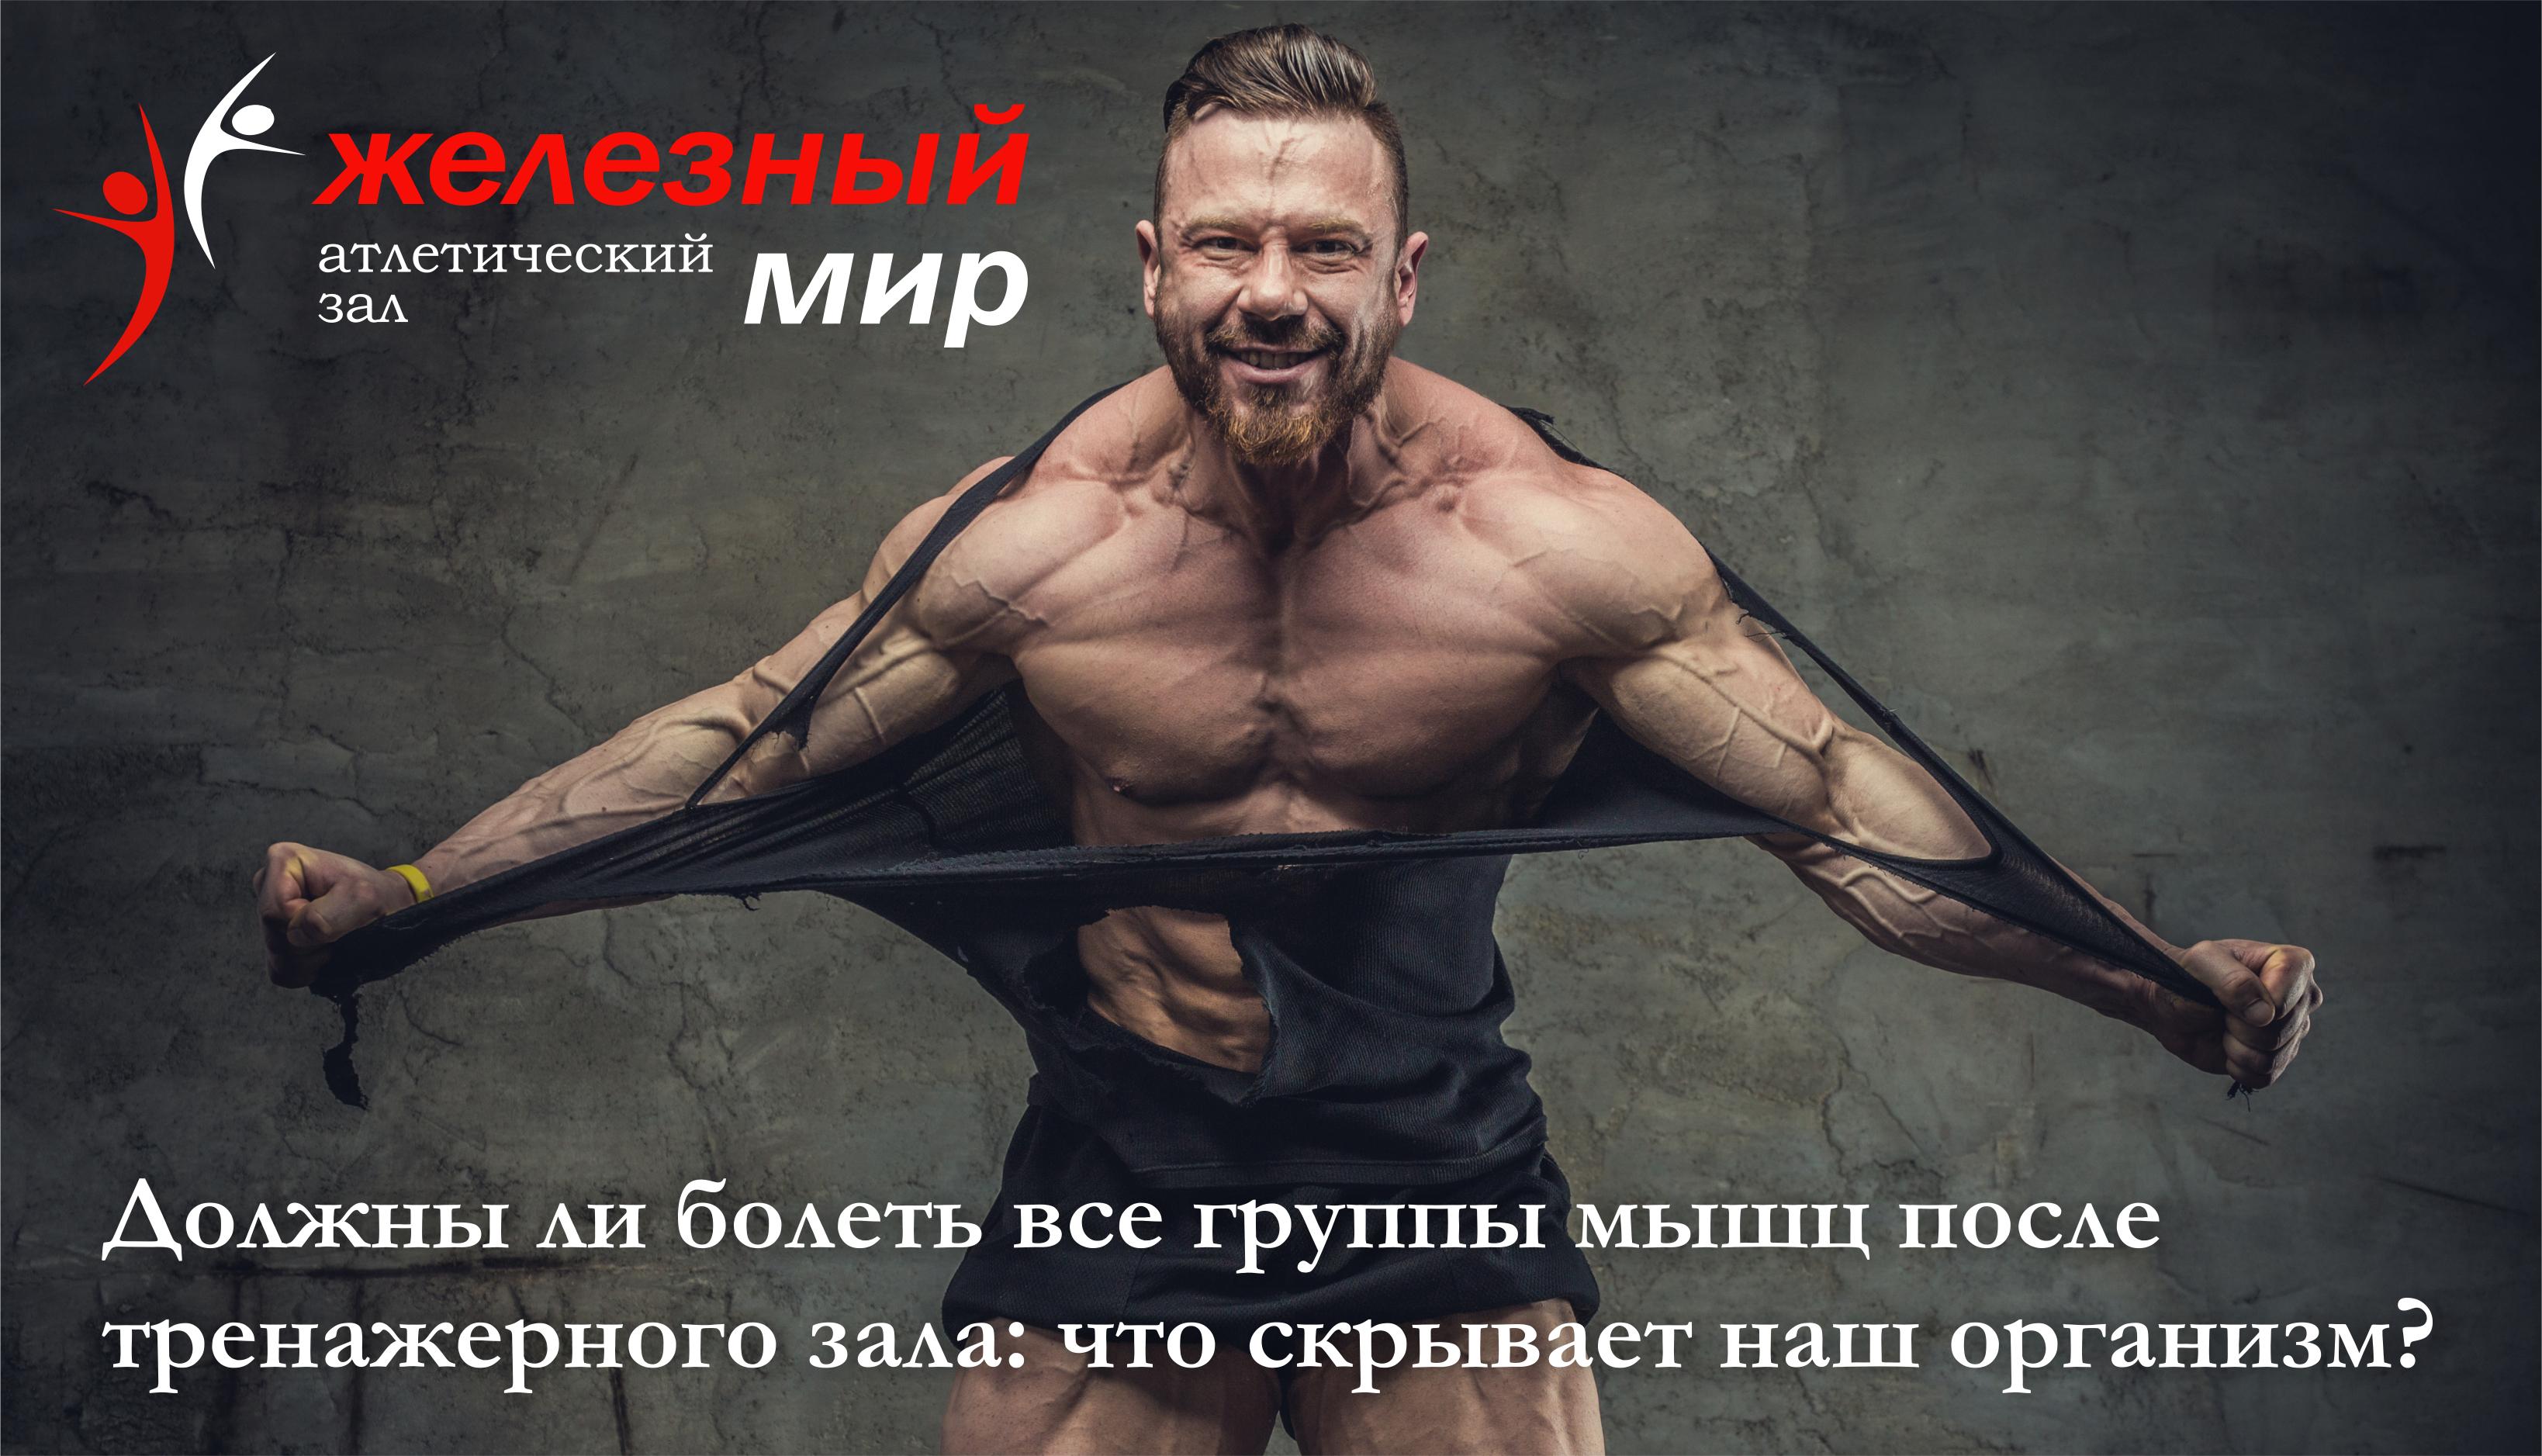 болят мышцы после тренировки несколько дней